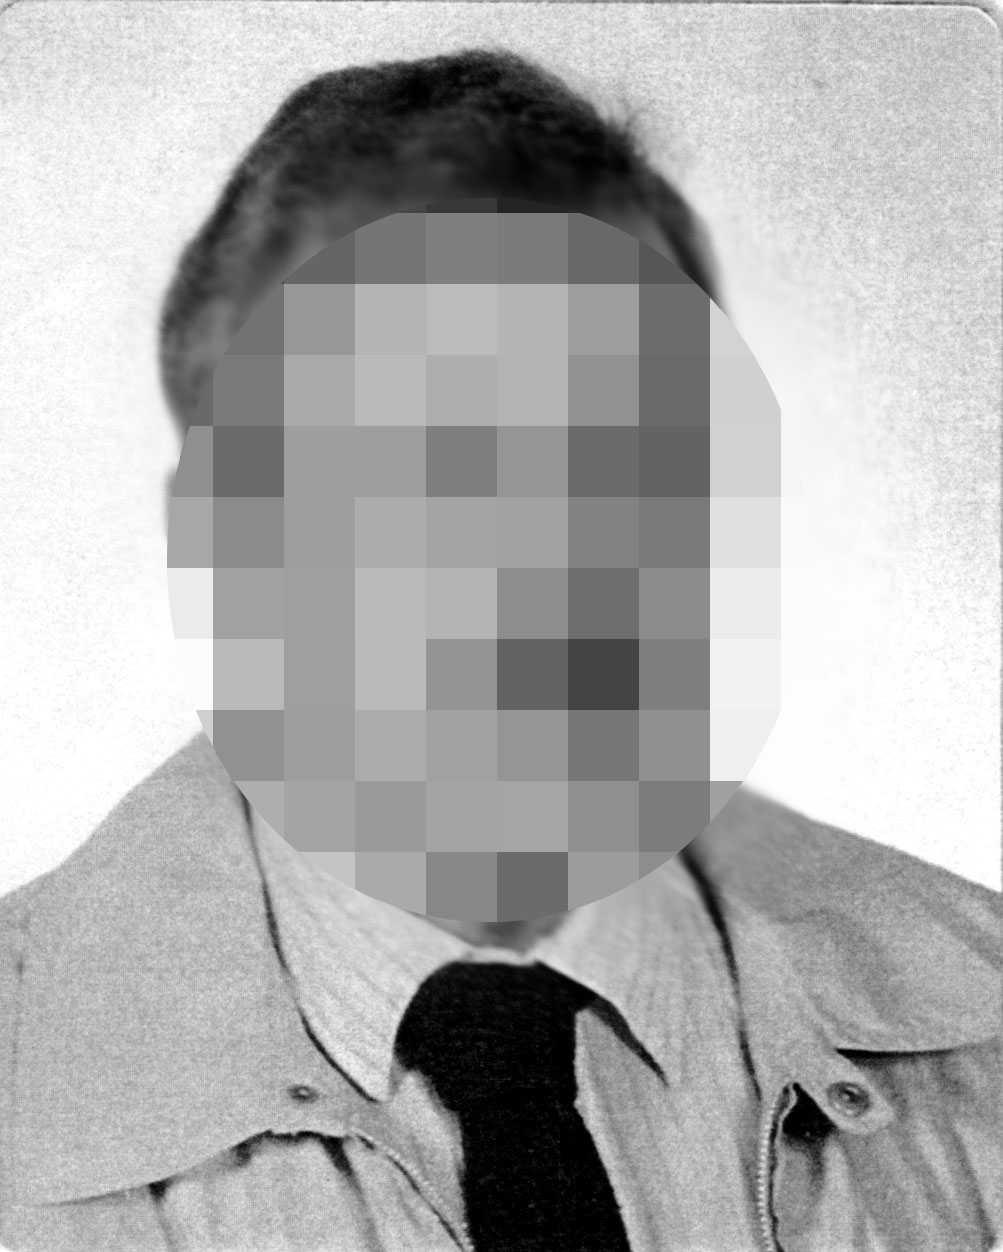 """""""Bengt"""" var en framstående forskare under sitt arbetsliv. Men vid sidan av sitt officiella jobb ska han ha fungerat som apartheidregimens spion i Sverige vid tidpunkten för Palmemordet. Av en rad dokument framgår att """"Bengt"""" mot betalning rapporterade detaljerade uppgifter om svensk politik och ANC-aktivister i Sverige till den sydafrikanska regeringen."""